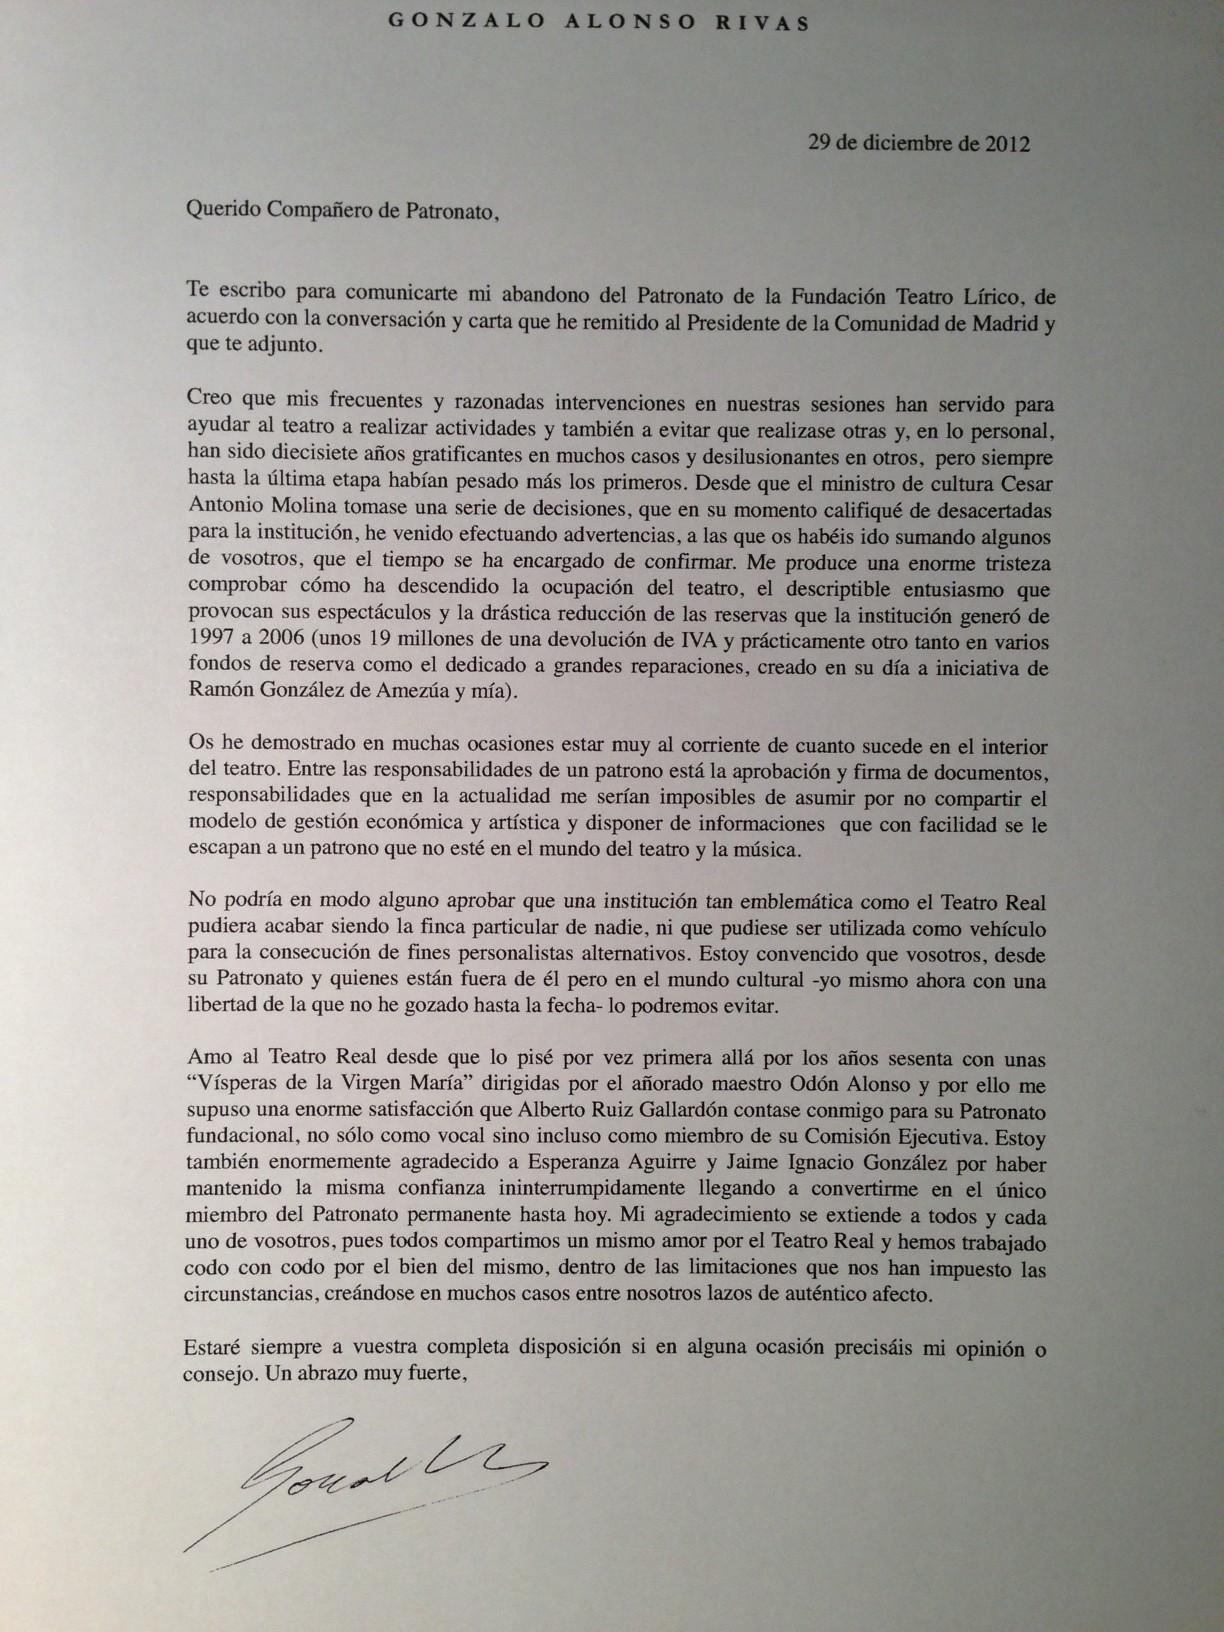 La carta de Gonzalo Alonso al Patronato del Teatro Real con los motivos de su dimisión